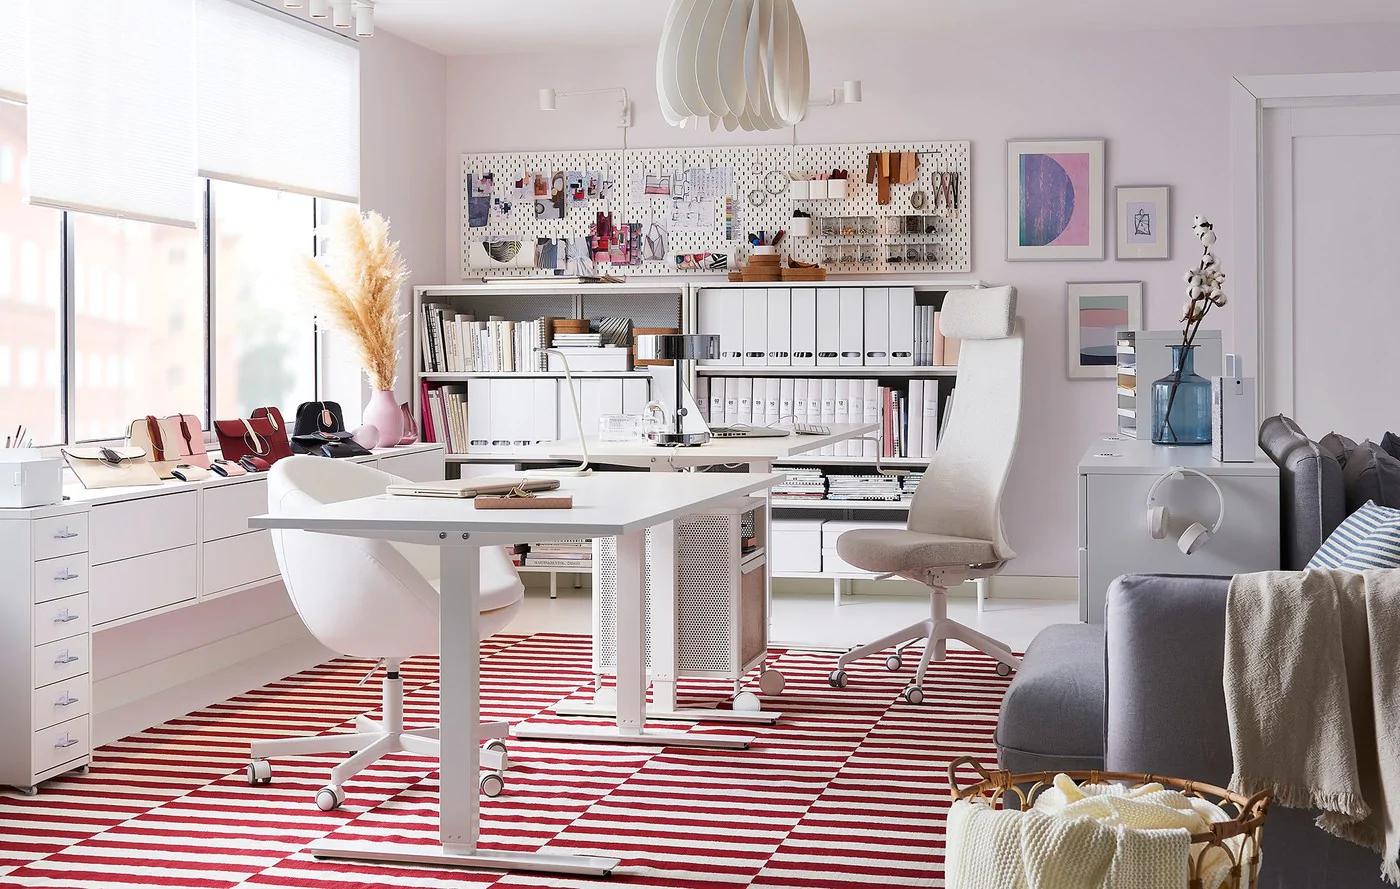 mueble alquiler estudio